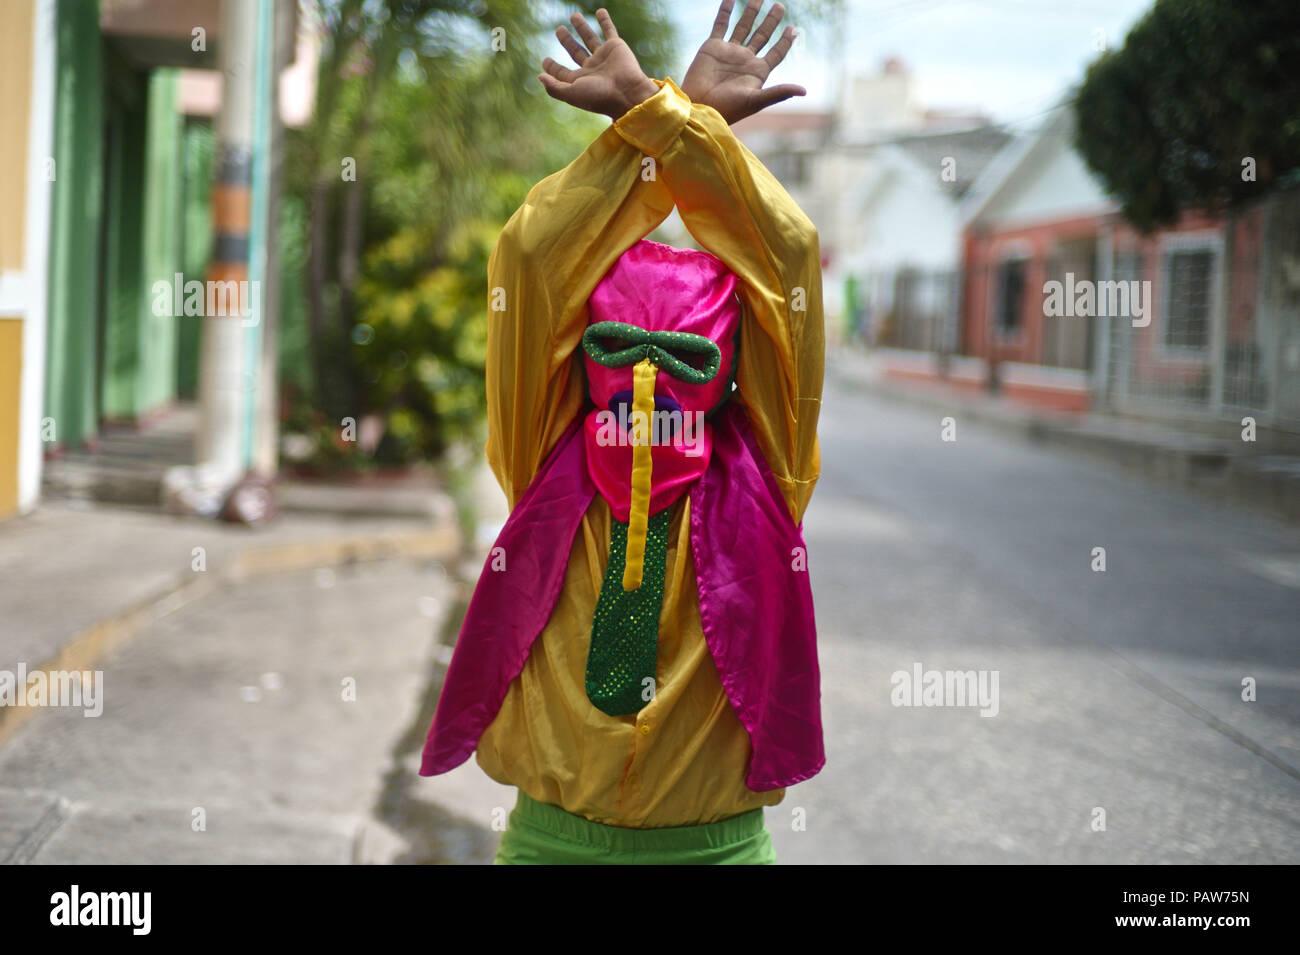 Julio 14, 2018 - Barranquilla, Departamento de Atlántico, Colombia - Uno de los más importantes y conocido personaje es la Marimonda, originada en la ciudad de Barranquilla, este personaje está representada por sus propios movimientos de baile. El traje fue creado por una pobre Barranquillero, este hombre creó porque él no podía permitirse ningún costoso o trajes de fantasía para el Carnaval. Por lo que decidió tomar un par de pantalones de su hermano mayor, donde los calcetines en sus manos y un chaleco hacia atrás. Para finalizar su traje tomó una bolsa hecha de dos círculos para los ojos y una nariz larga atascado cayendo de los ojos. La batalla de flores, Foto de stock